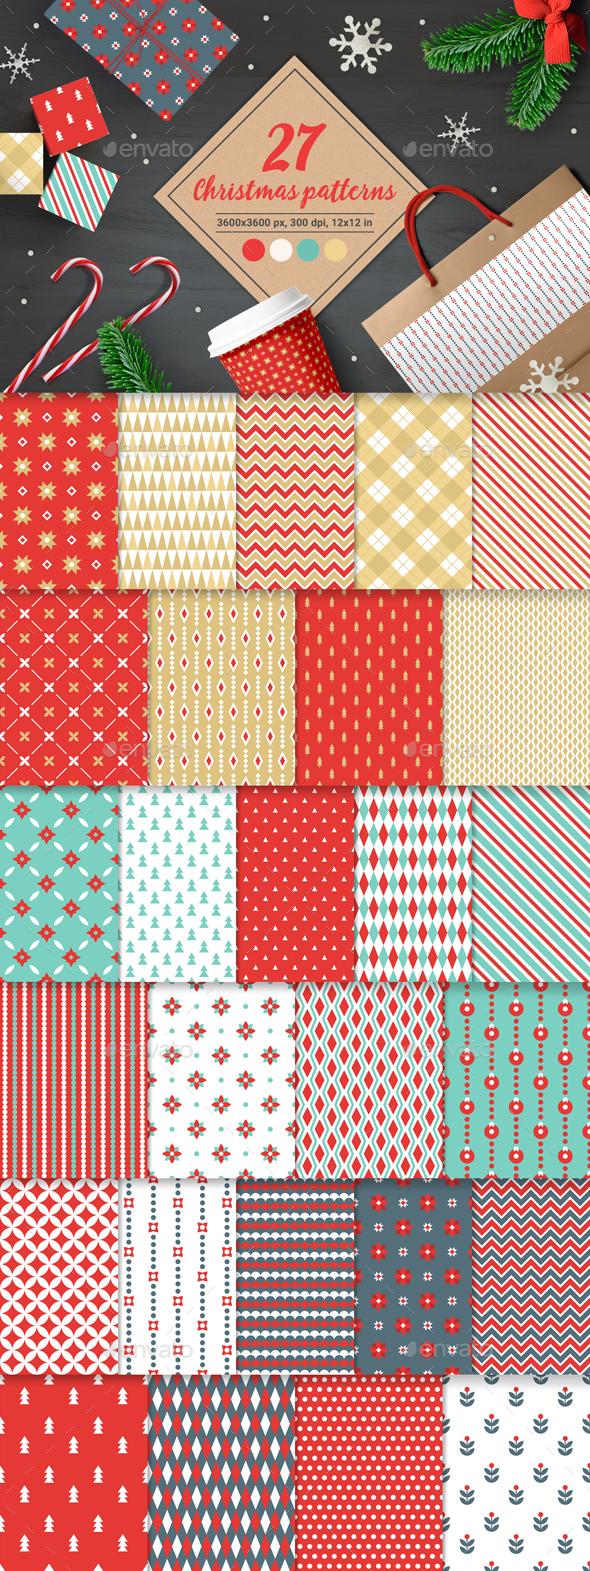 27 Christmas Seamless Patterns - Patterns Decorative